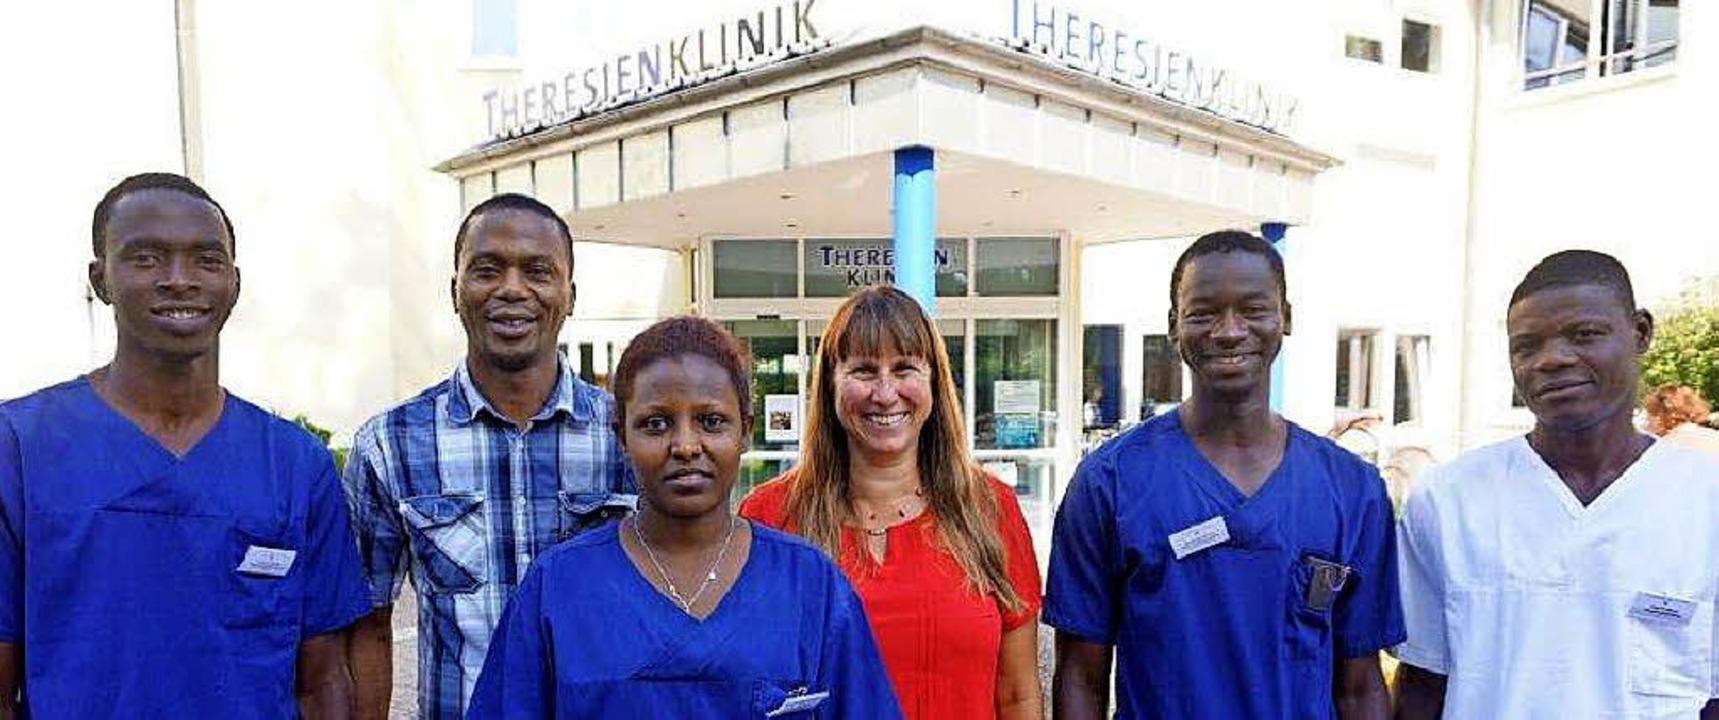 Sie haben in der Theresienklinik Prakt... konnten Freiwilligendienst leisten.      Foto: Theresienklinik